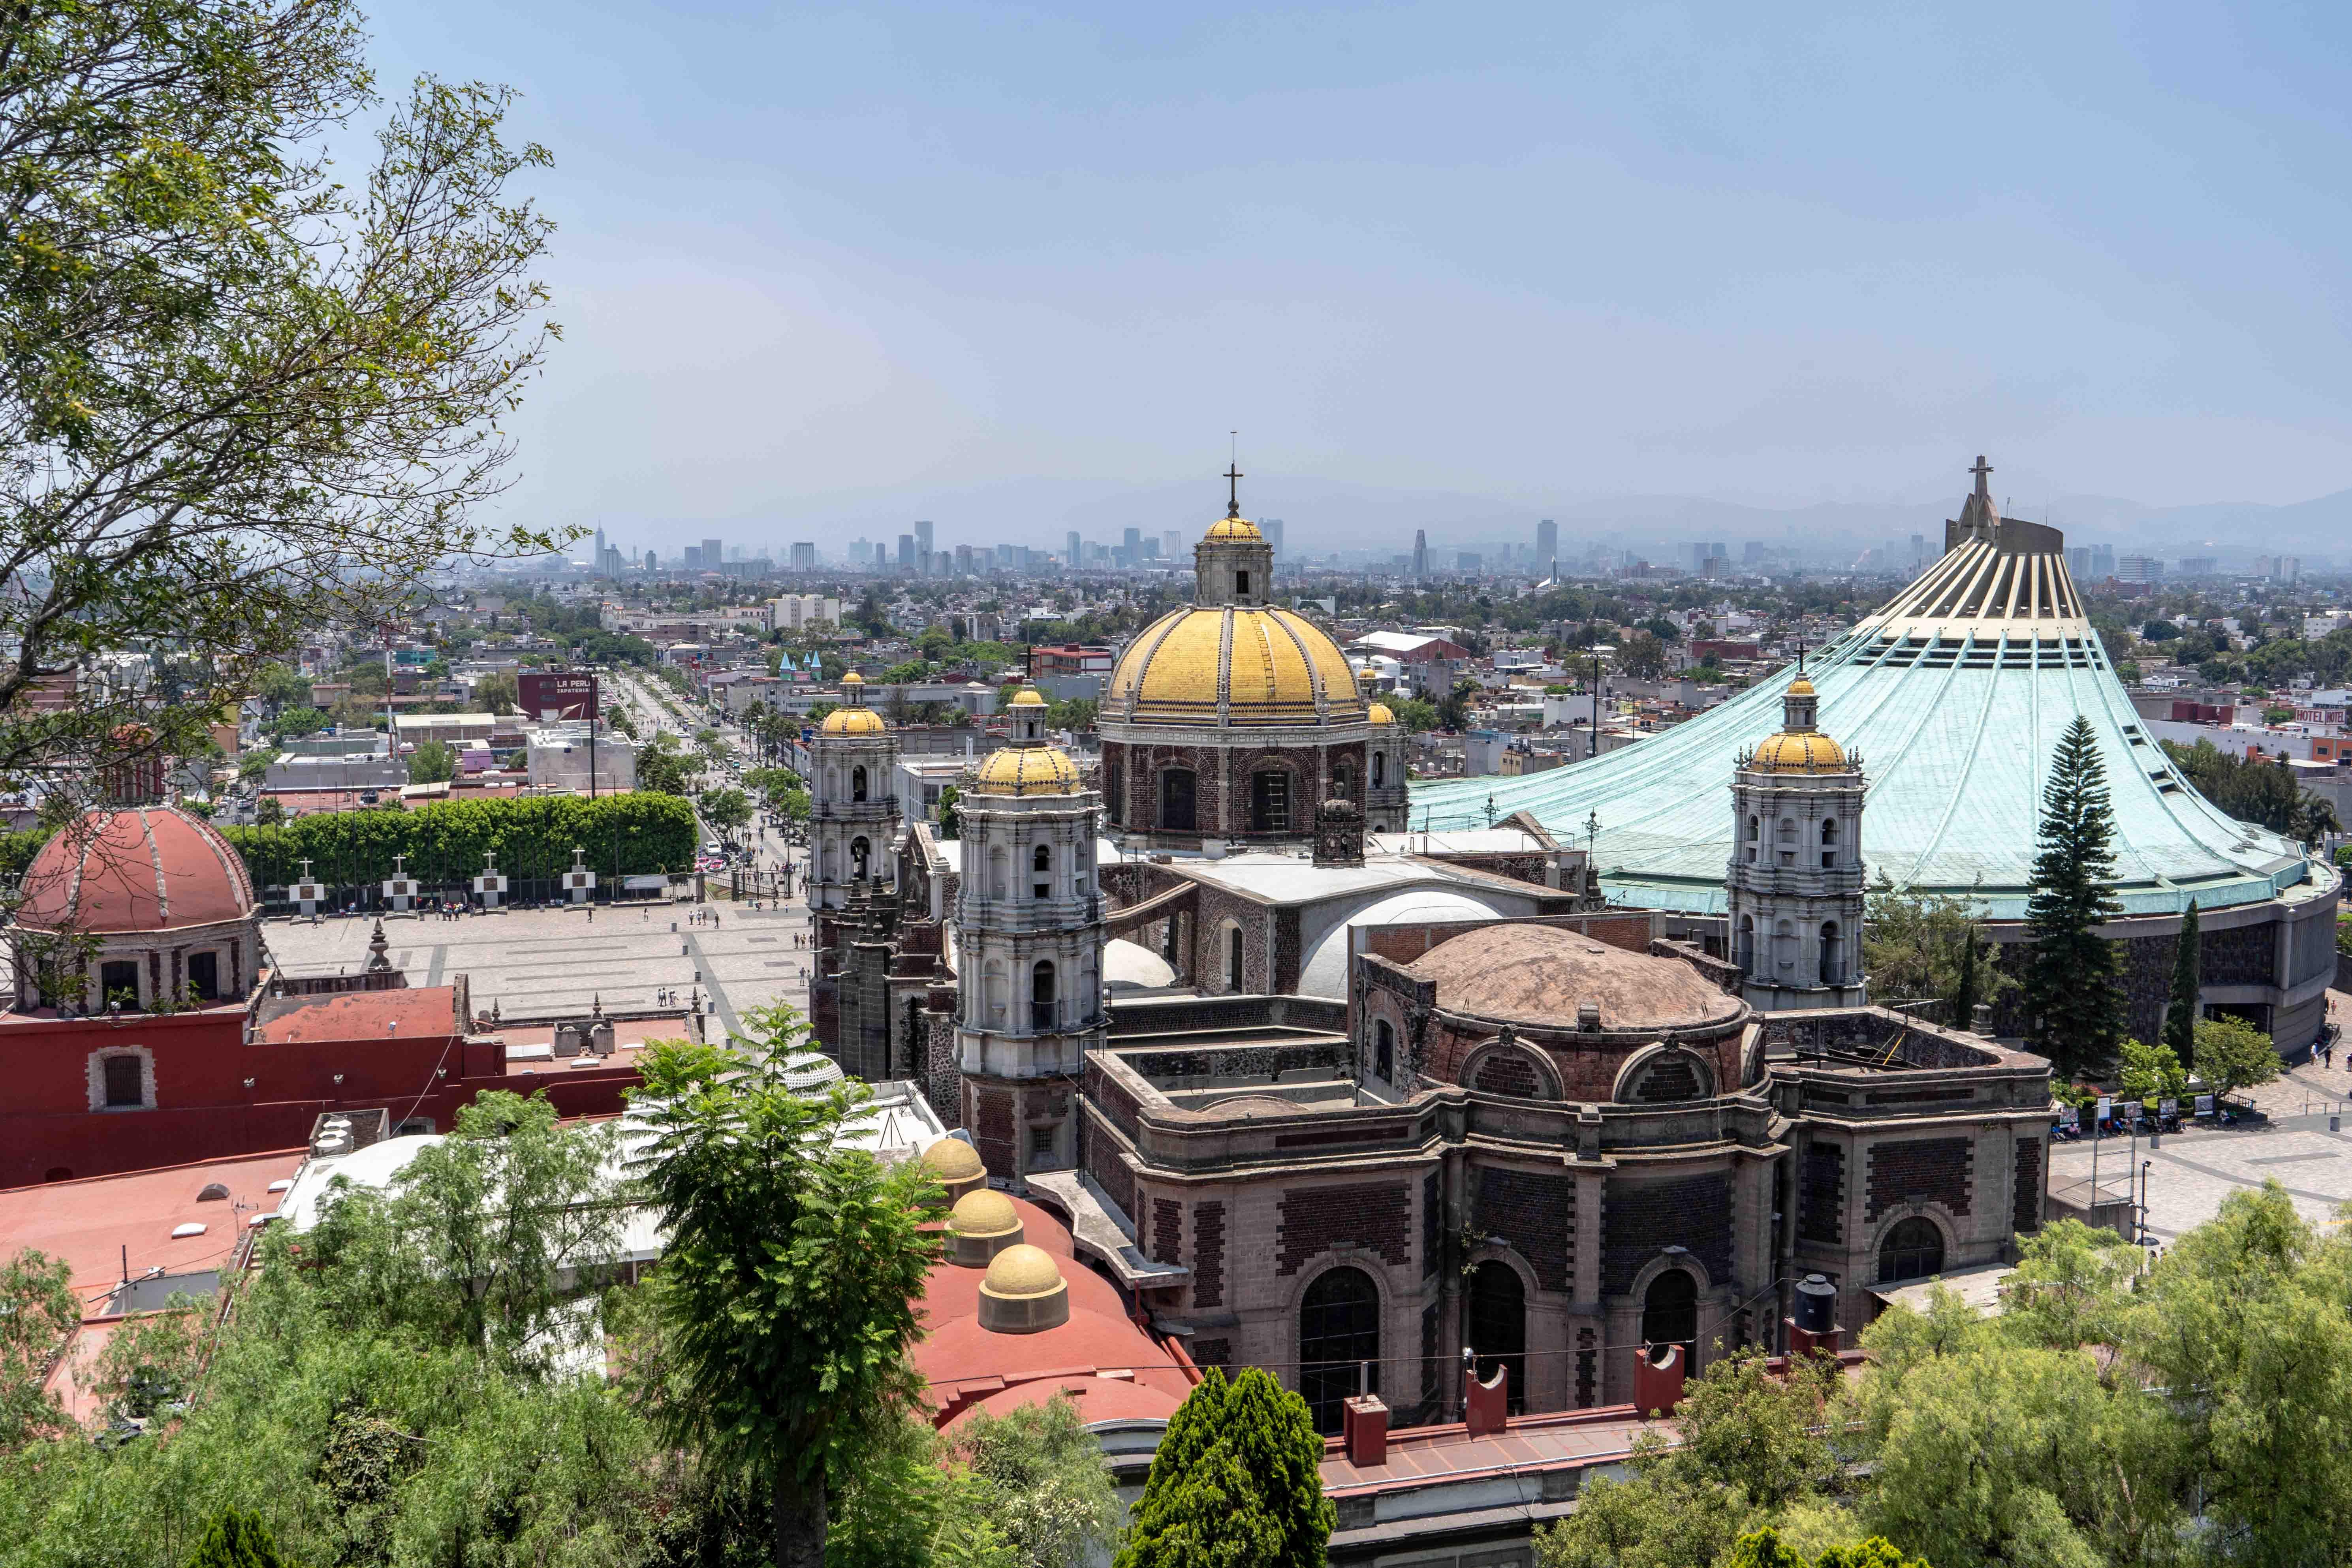 Le Temple expiatoire du Christ Roi et la basilique Notre-Dame-de-Guadalupe depuis la colline de Tepeyac.